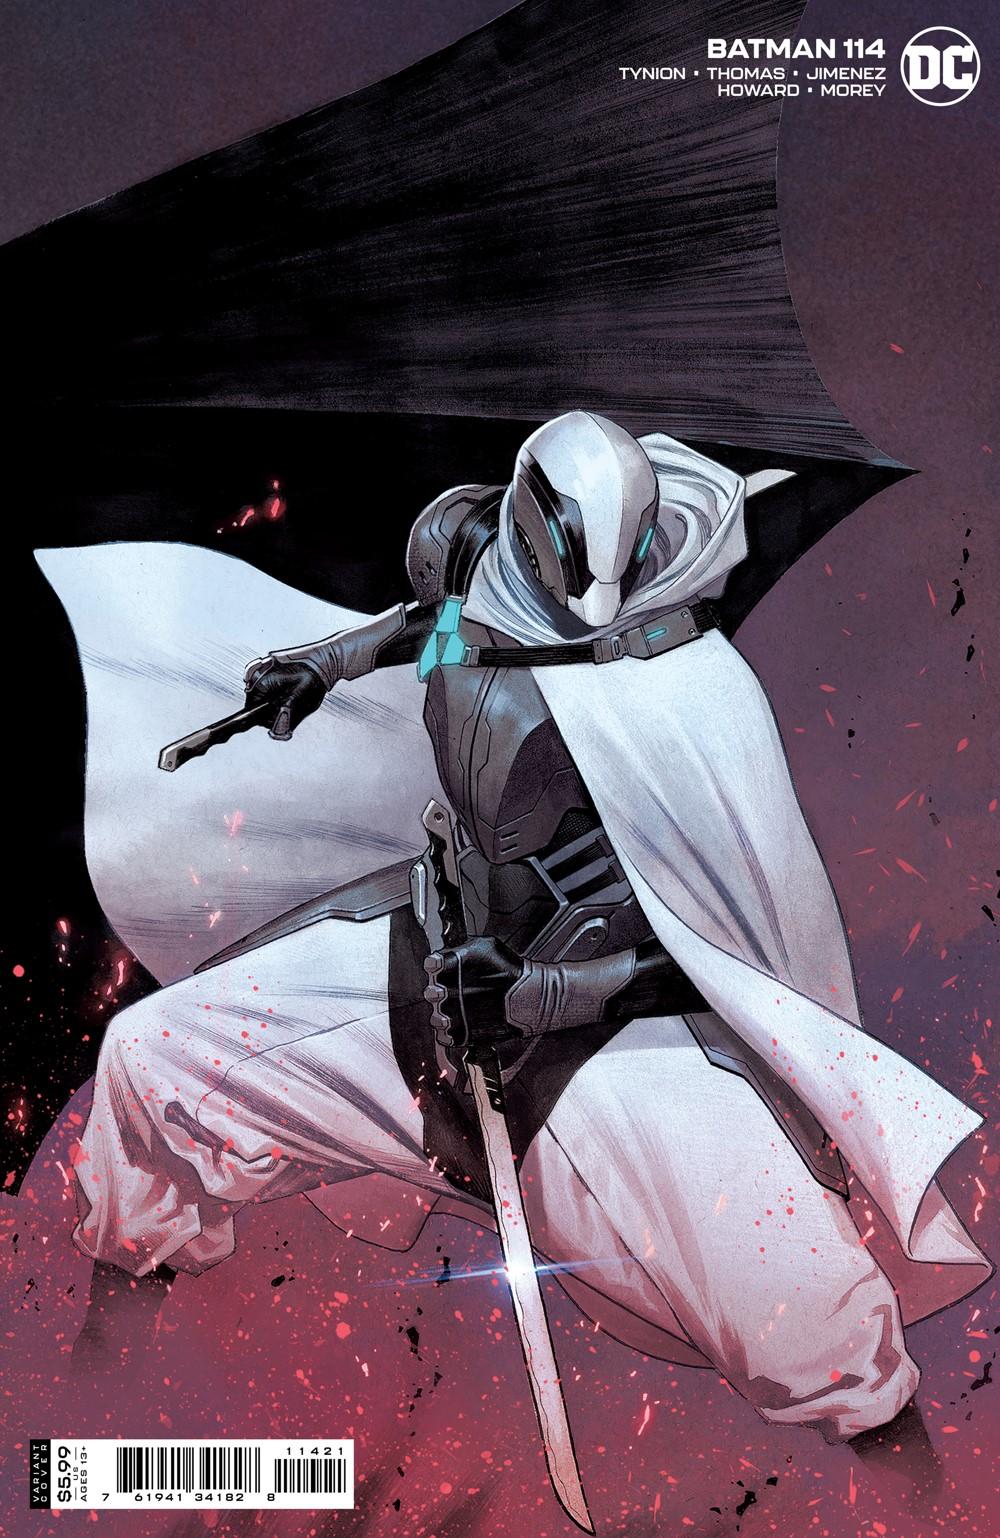 BM_Cv114_var_11421 DC Comics October 2021 Solicitations